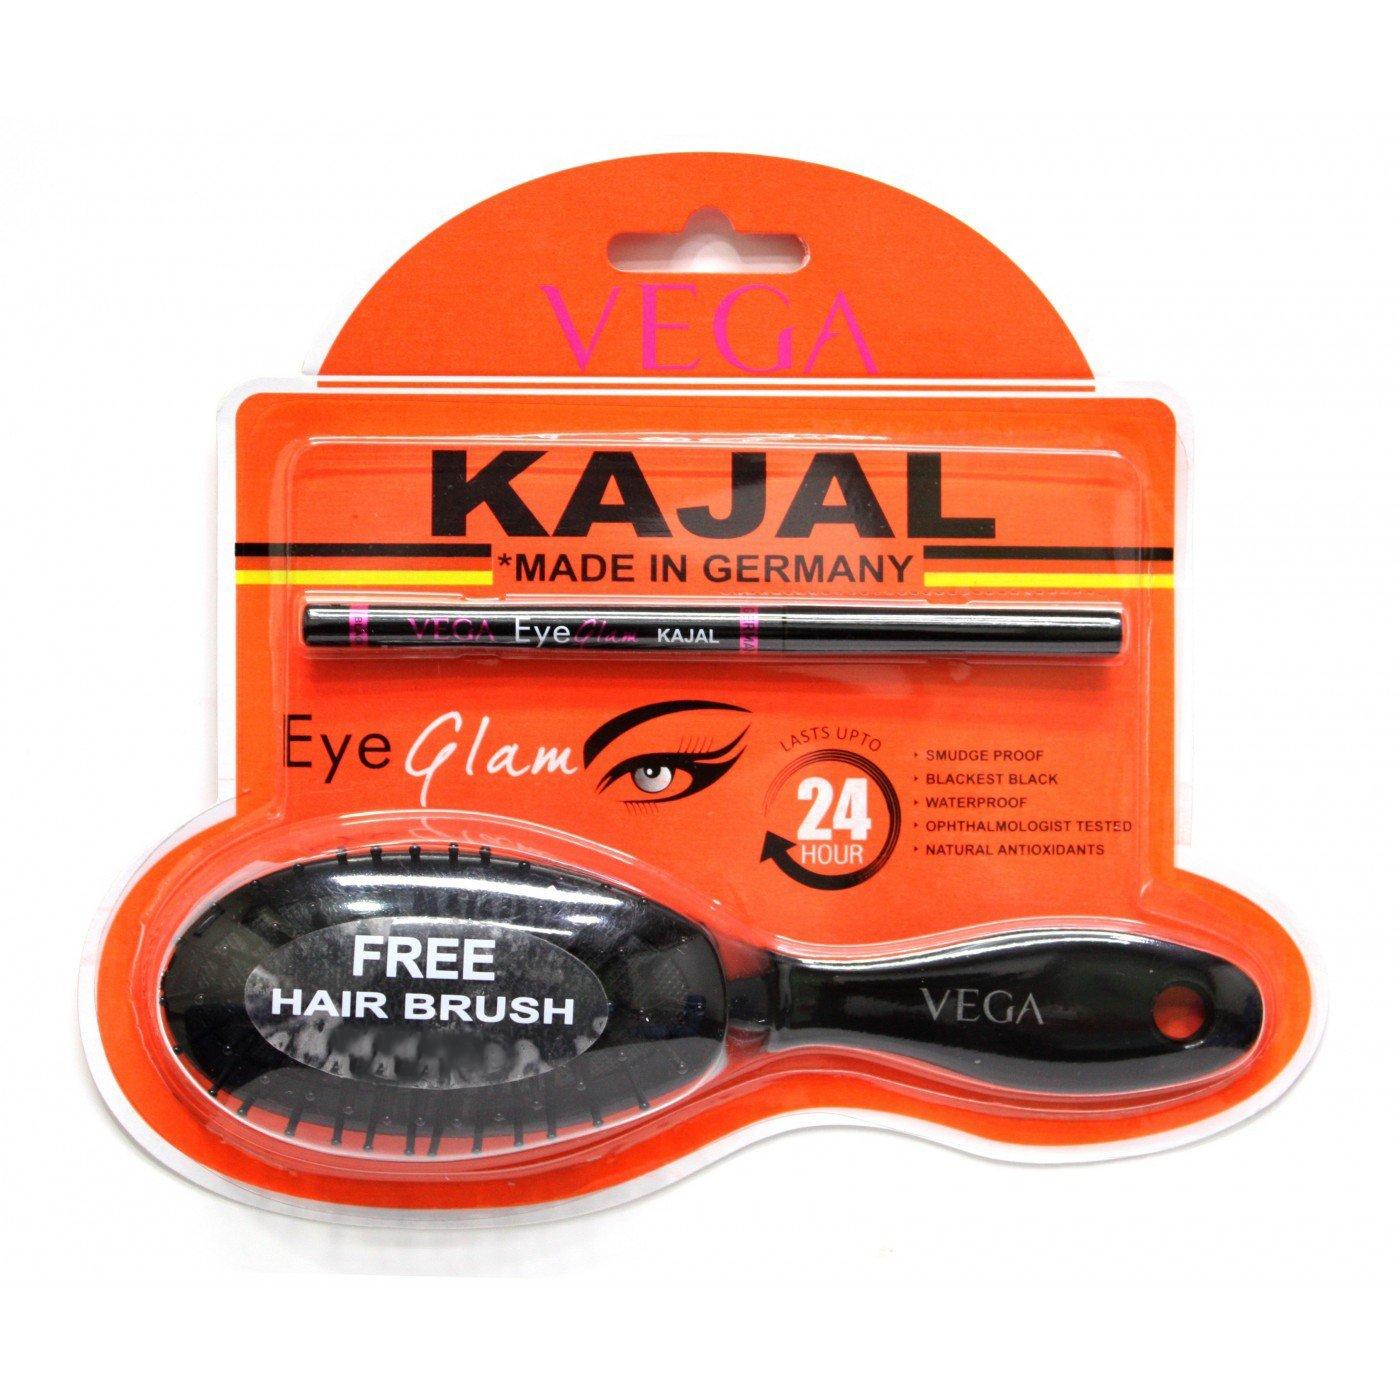 Vega Eye Glam Kajal, Black, 0.35g with Free Brush product image